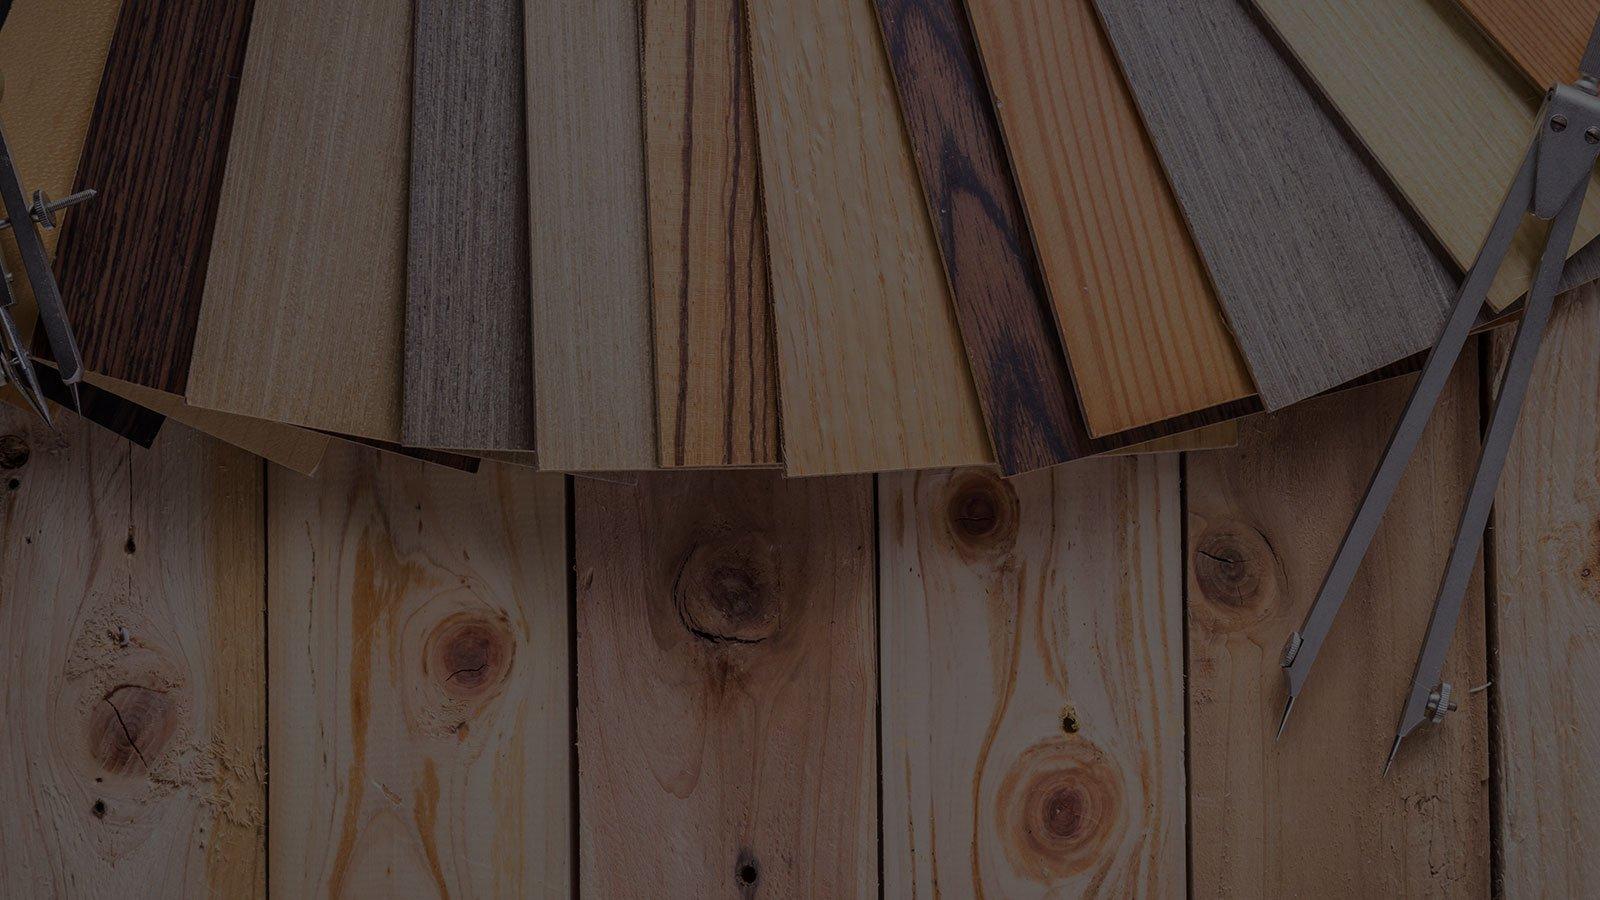 pannelli colorati in legno